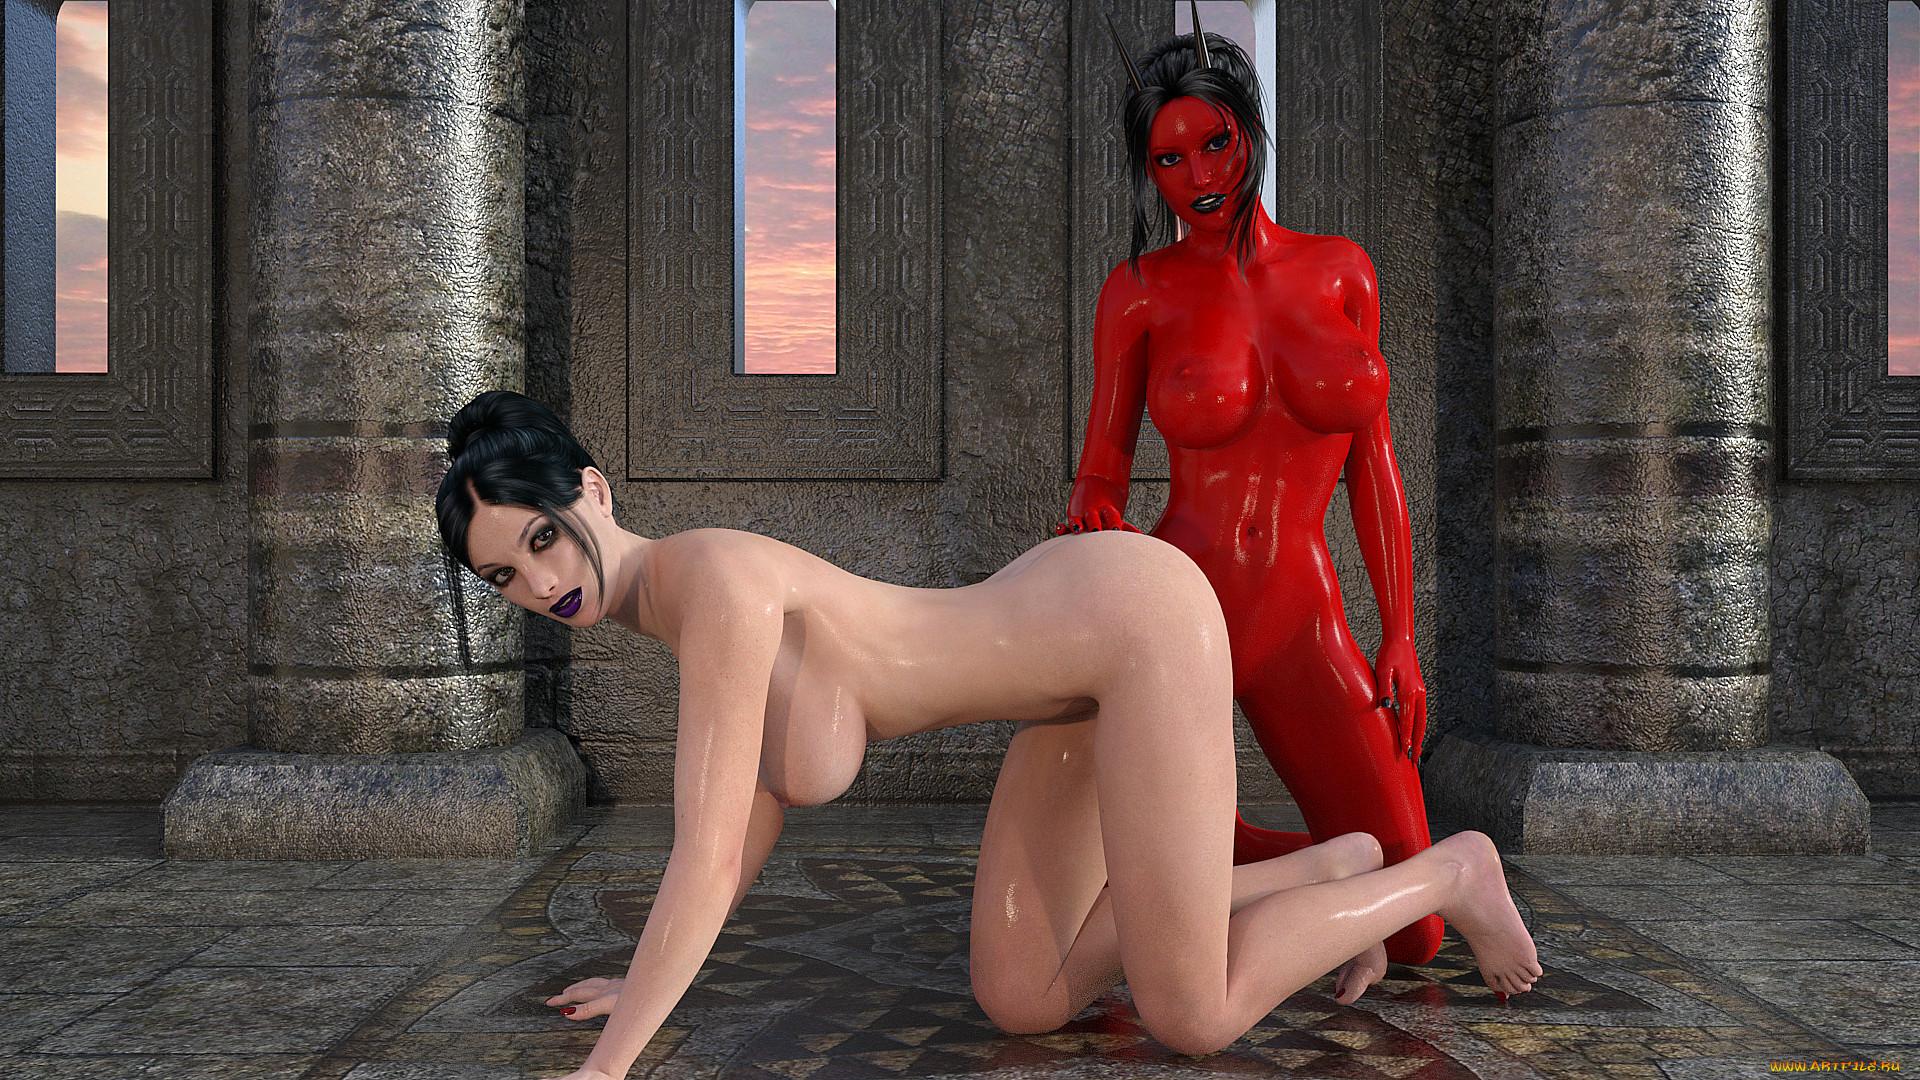 Succubus 3d lesbians nsfw picture